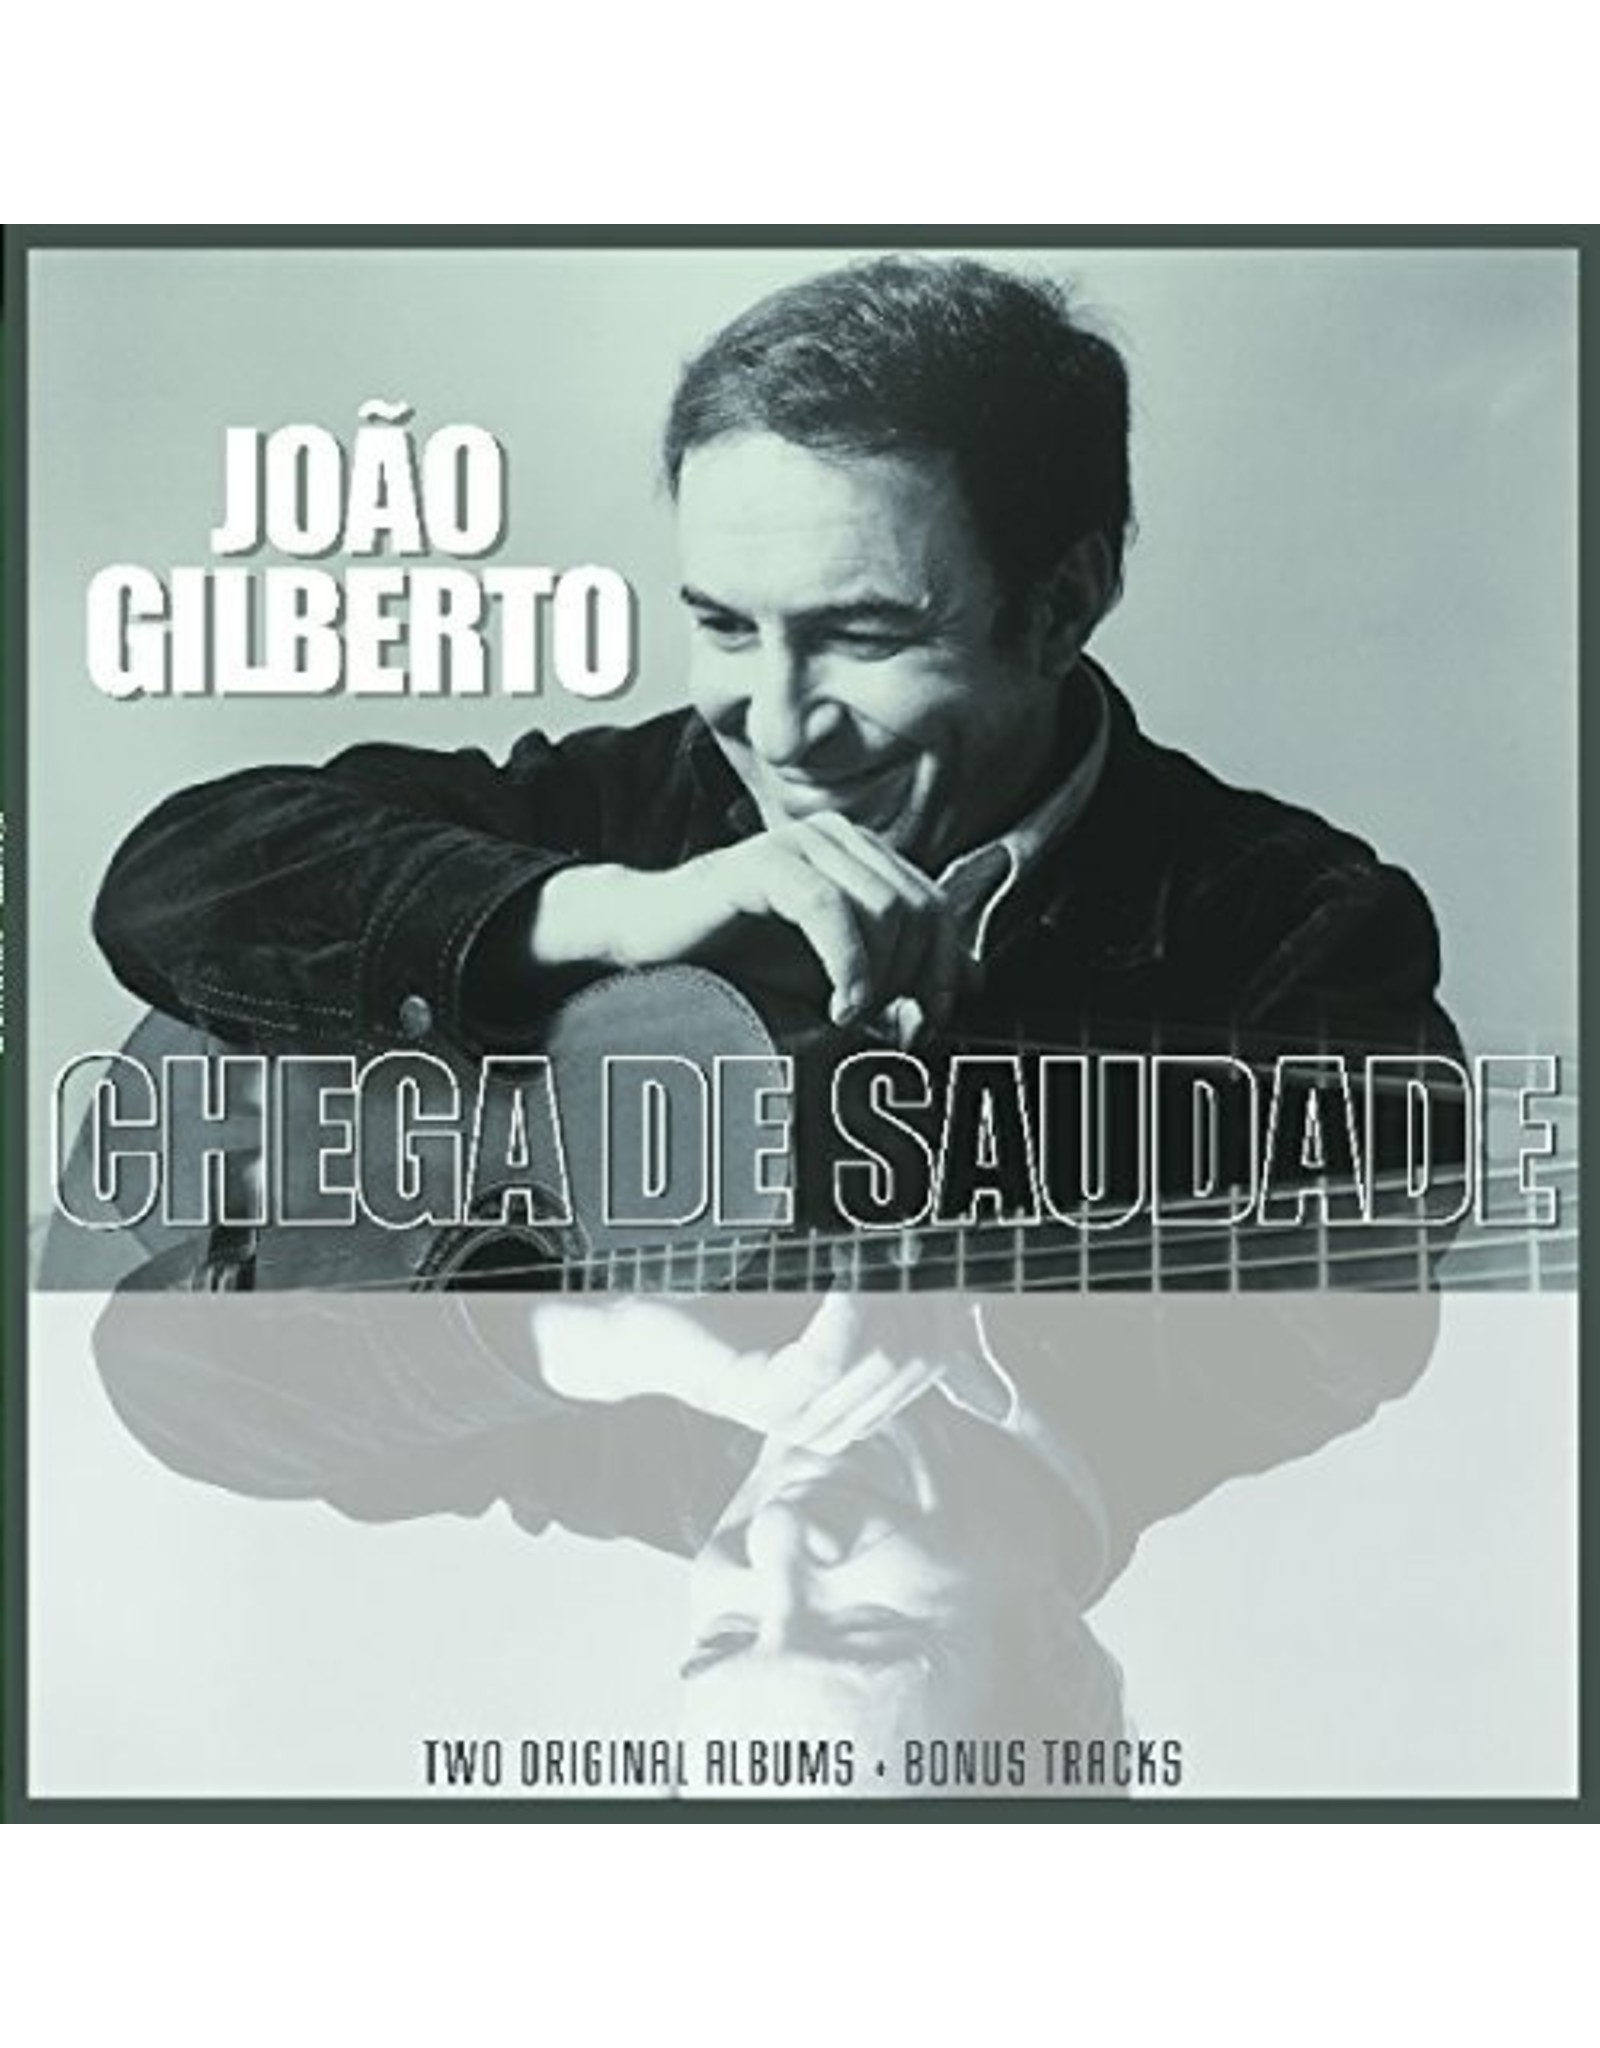 New Vinyl João Gilberto - Chega De Saudade LP